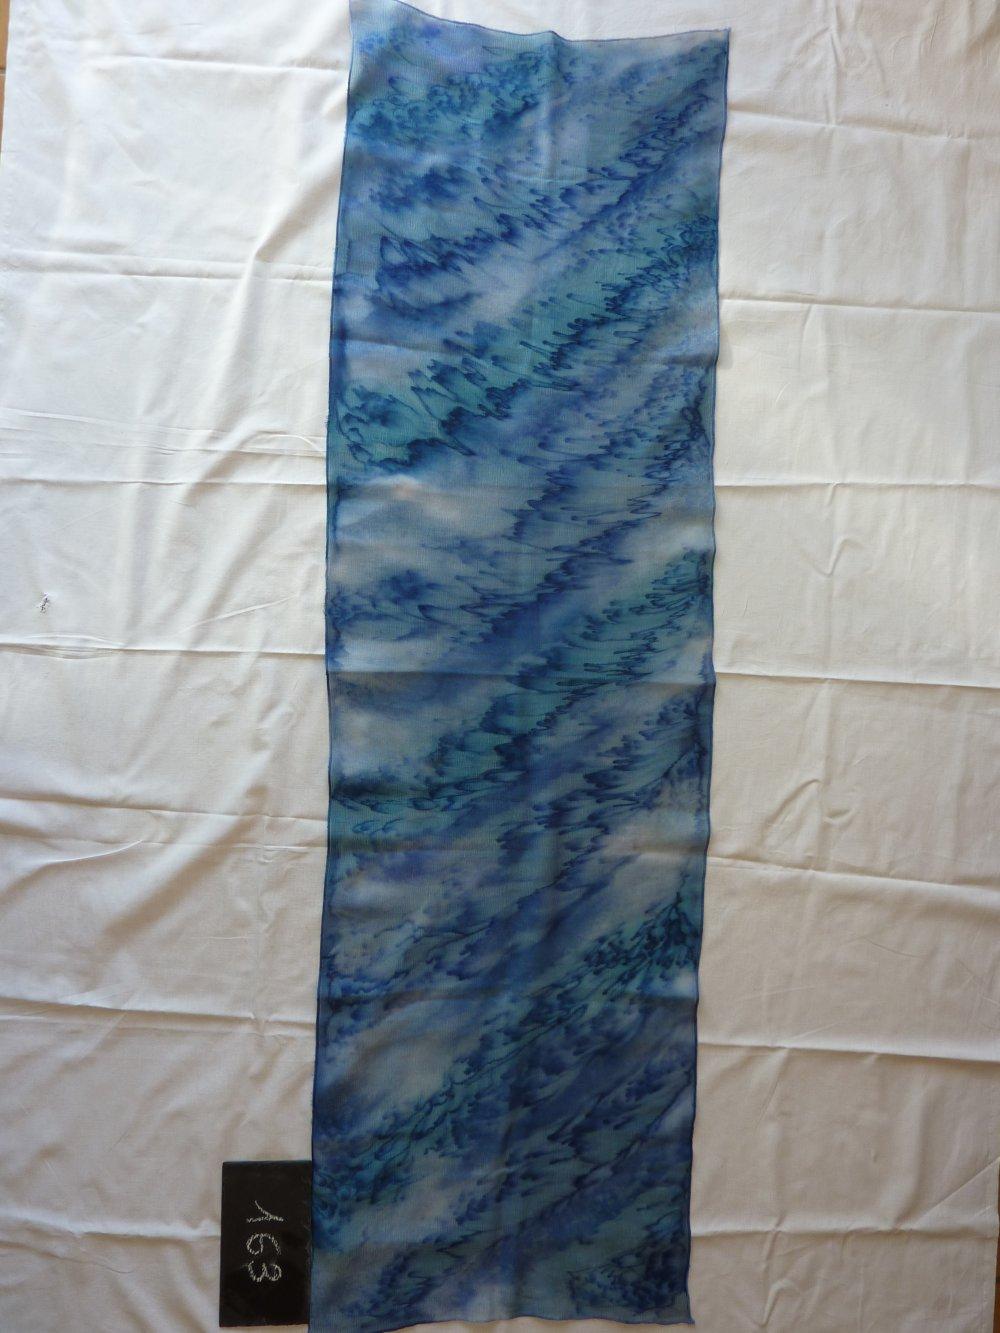 Echarpe femme en laine et soie française, peint main, représentant des nuages bleus et blancs